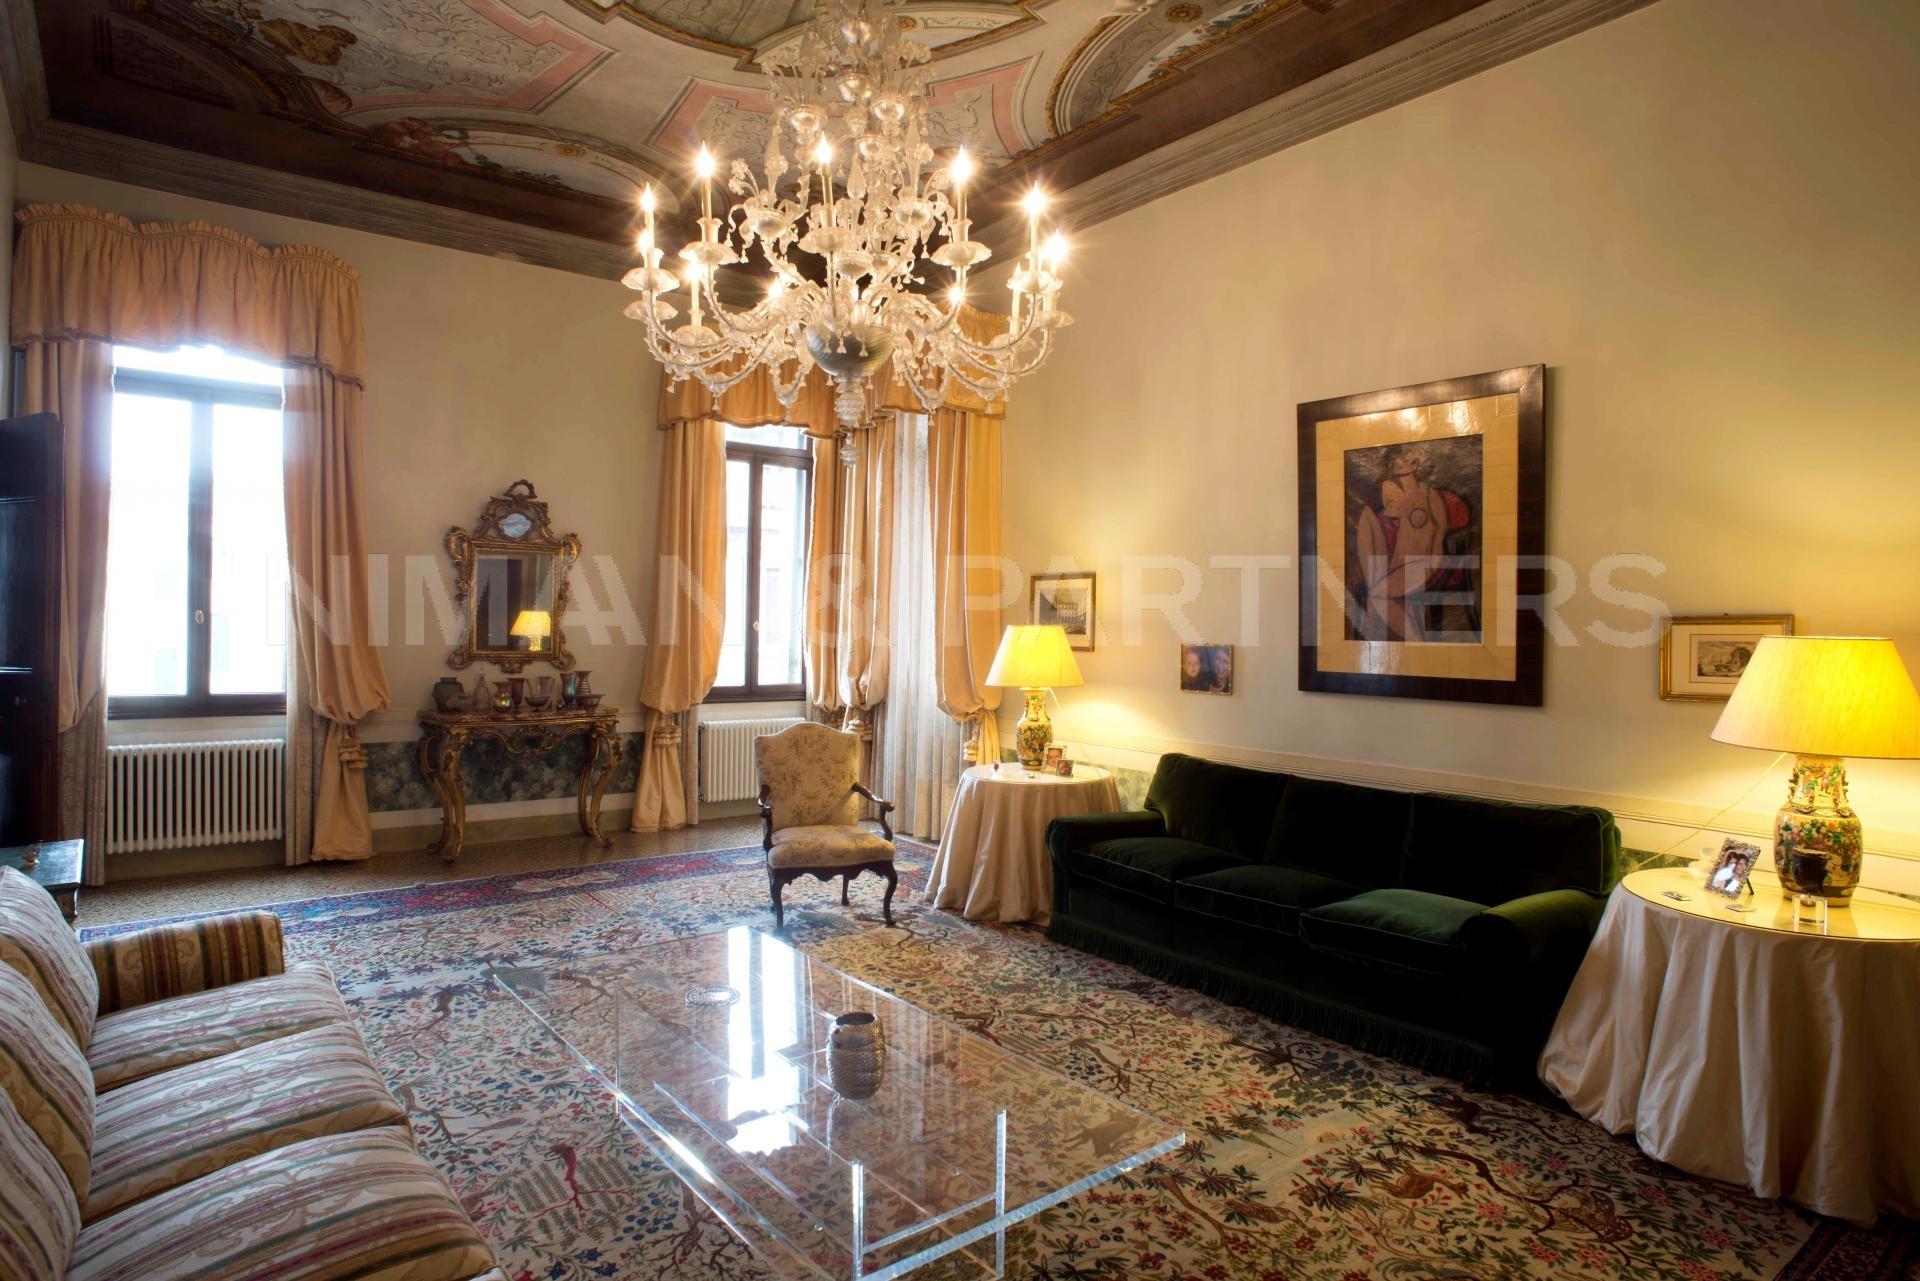 Appartamento in vendita a Venezia, 6 locali, zona Località: S.aCroce, prezzo € 2.500.000   Cambio Casa.it